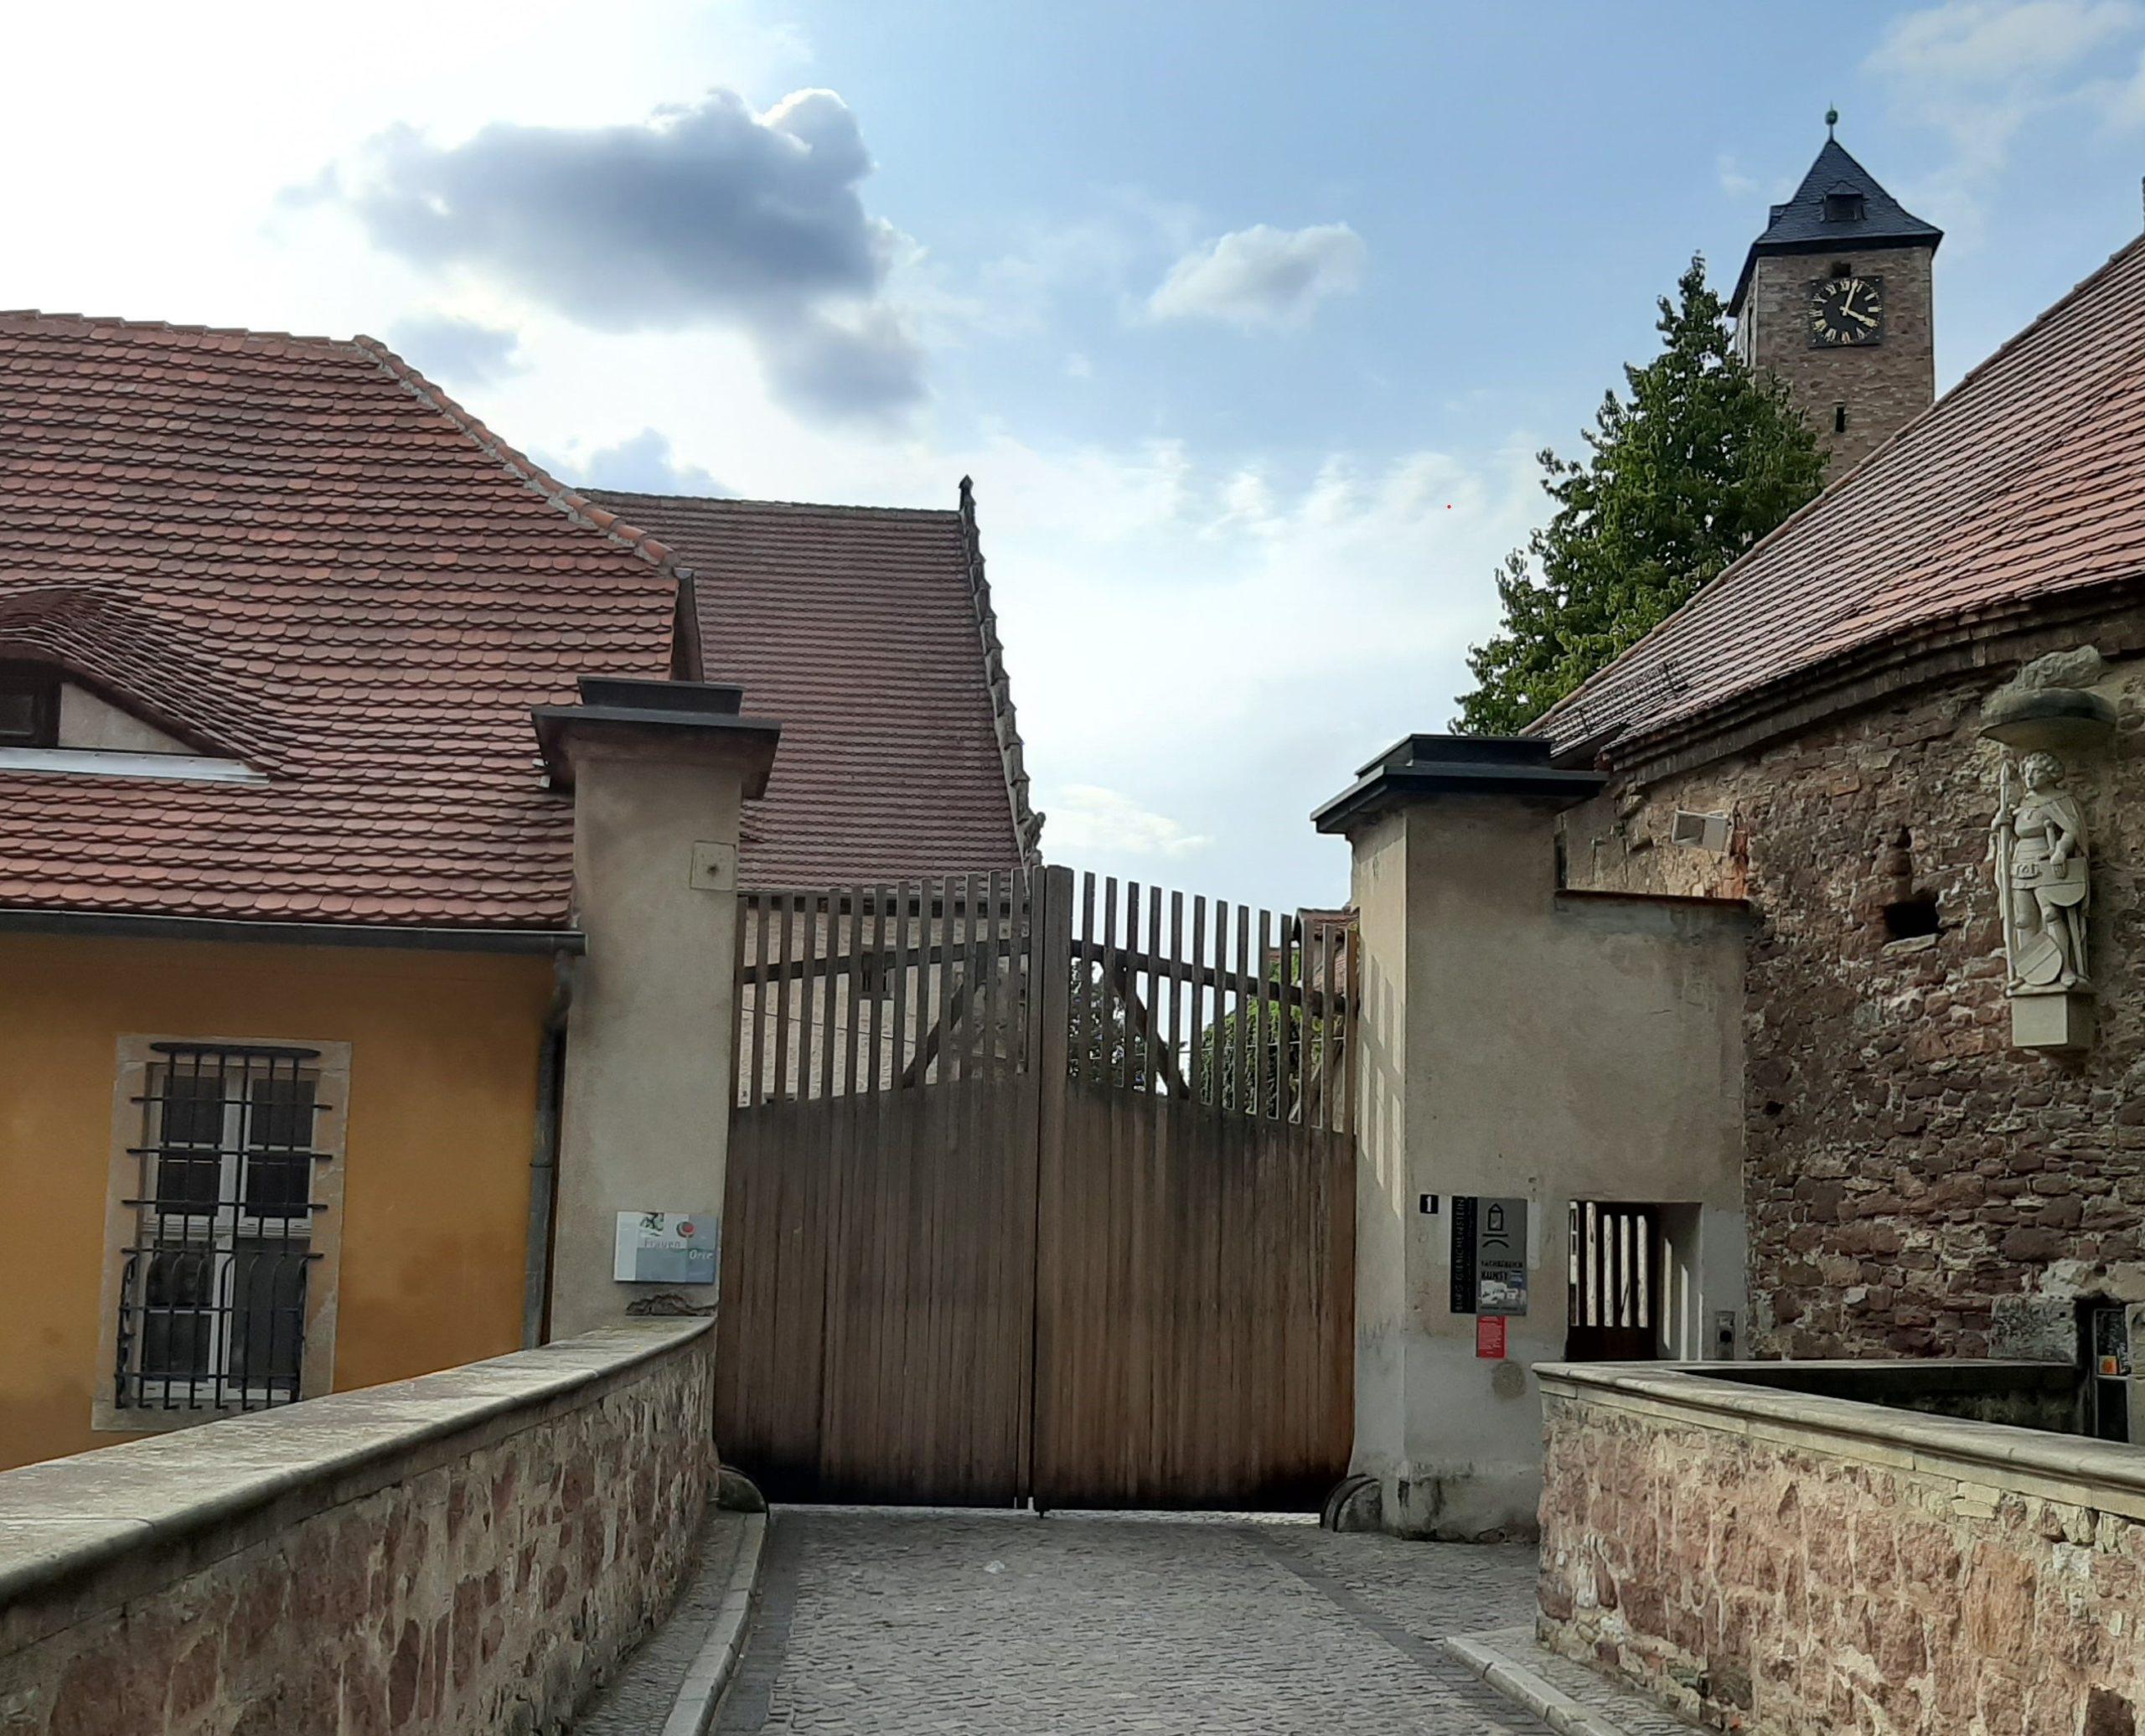 FrauenOrt Kunsthochschule Burg Giebichenstein Halle